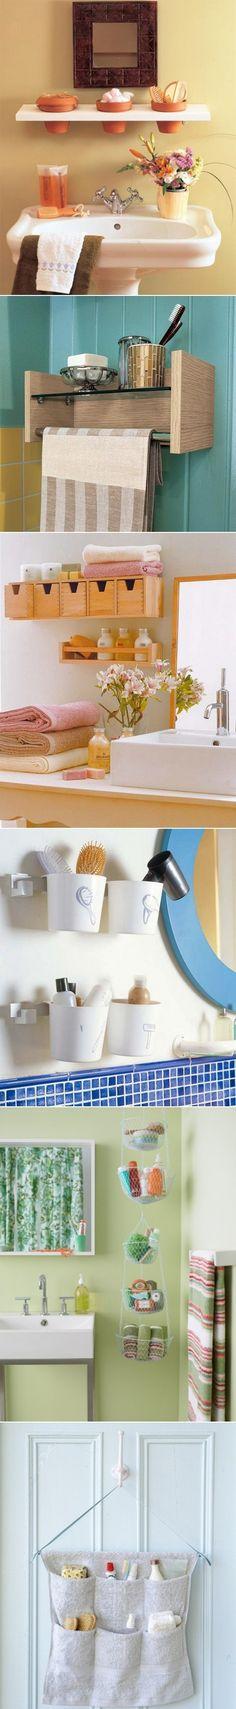 DIY Small Bathroom storage ideas